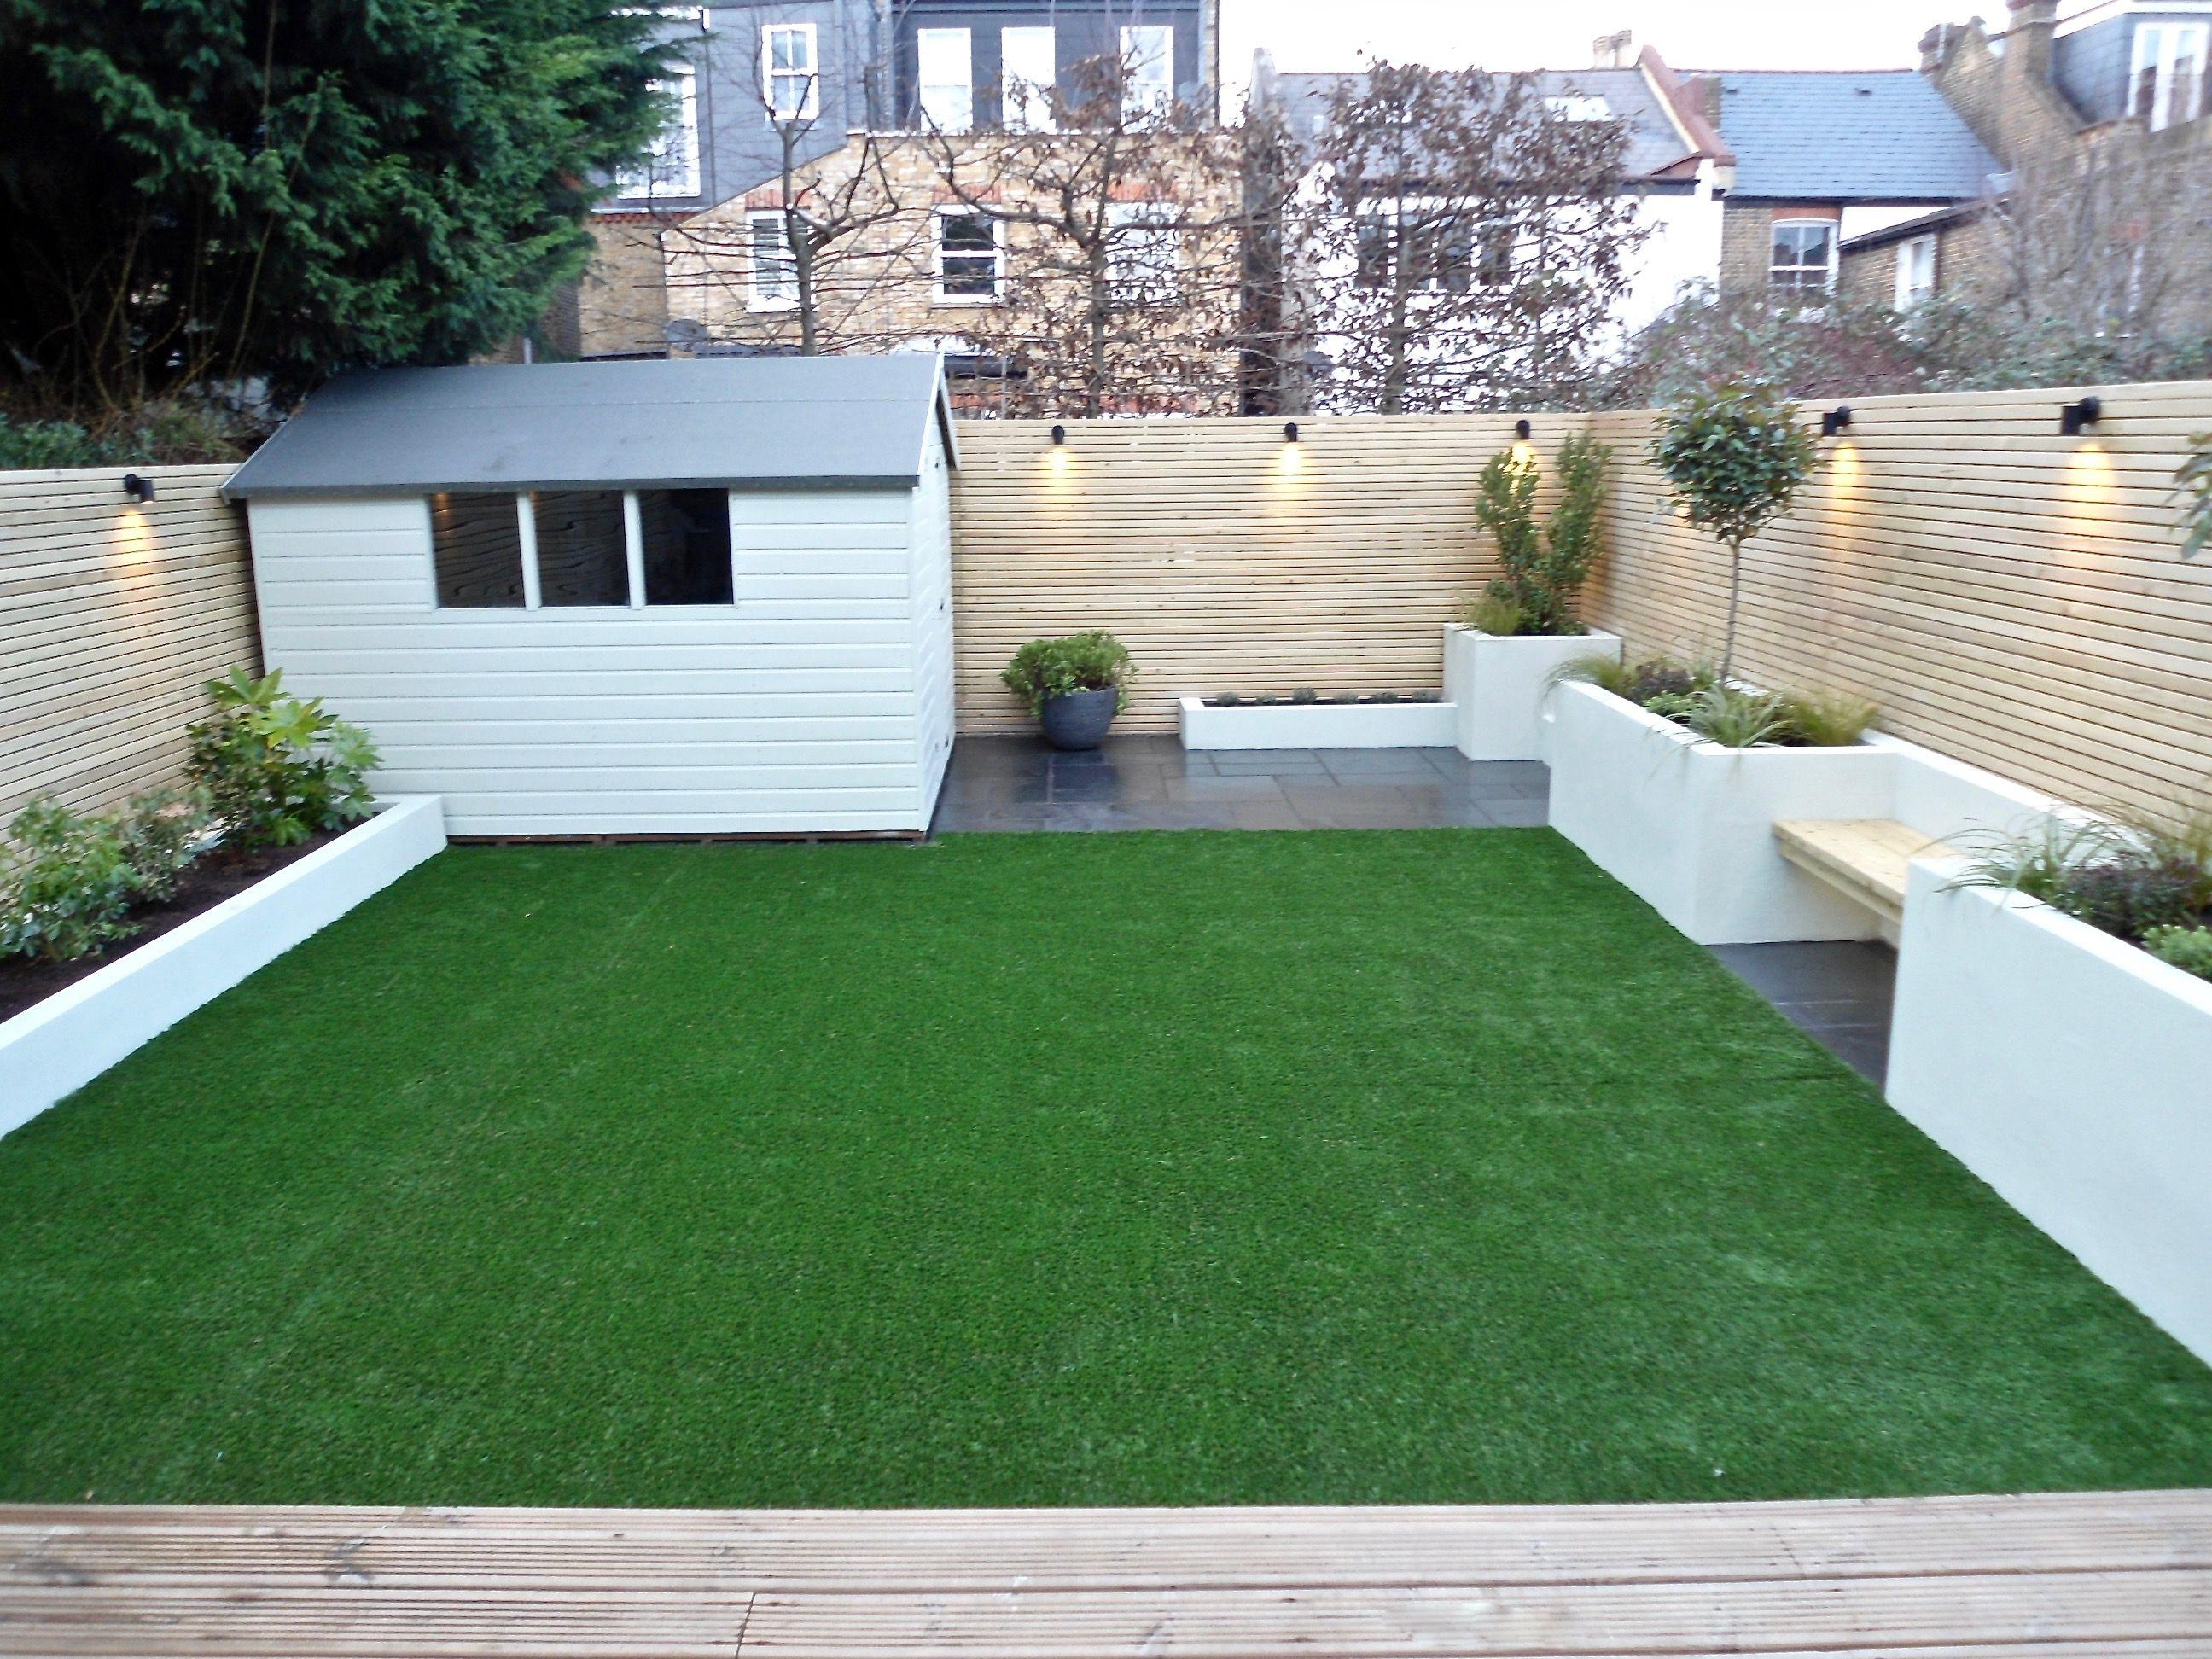 DSC02044 (1) | Urban garden design, Contemporary garden ... on Easy Back Garden Ideas id=53211